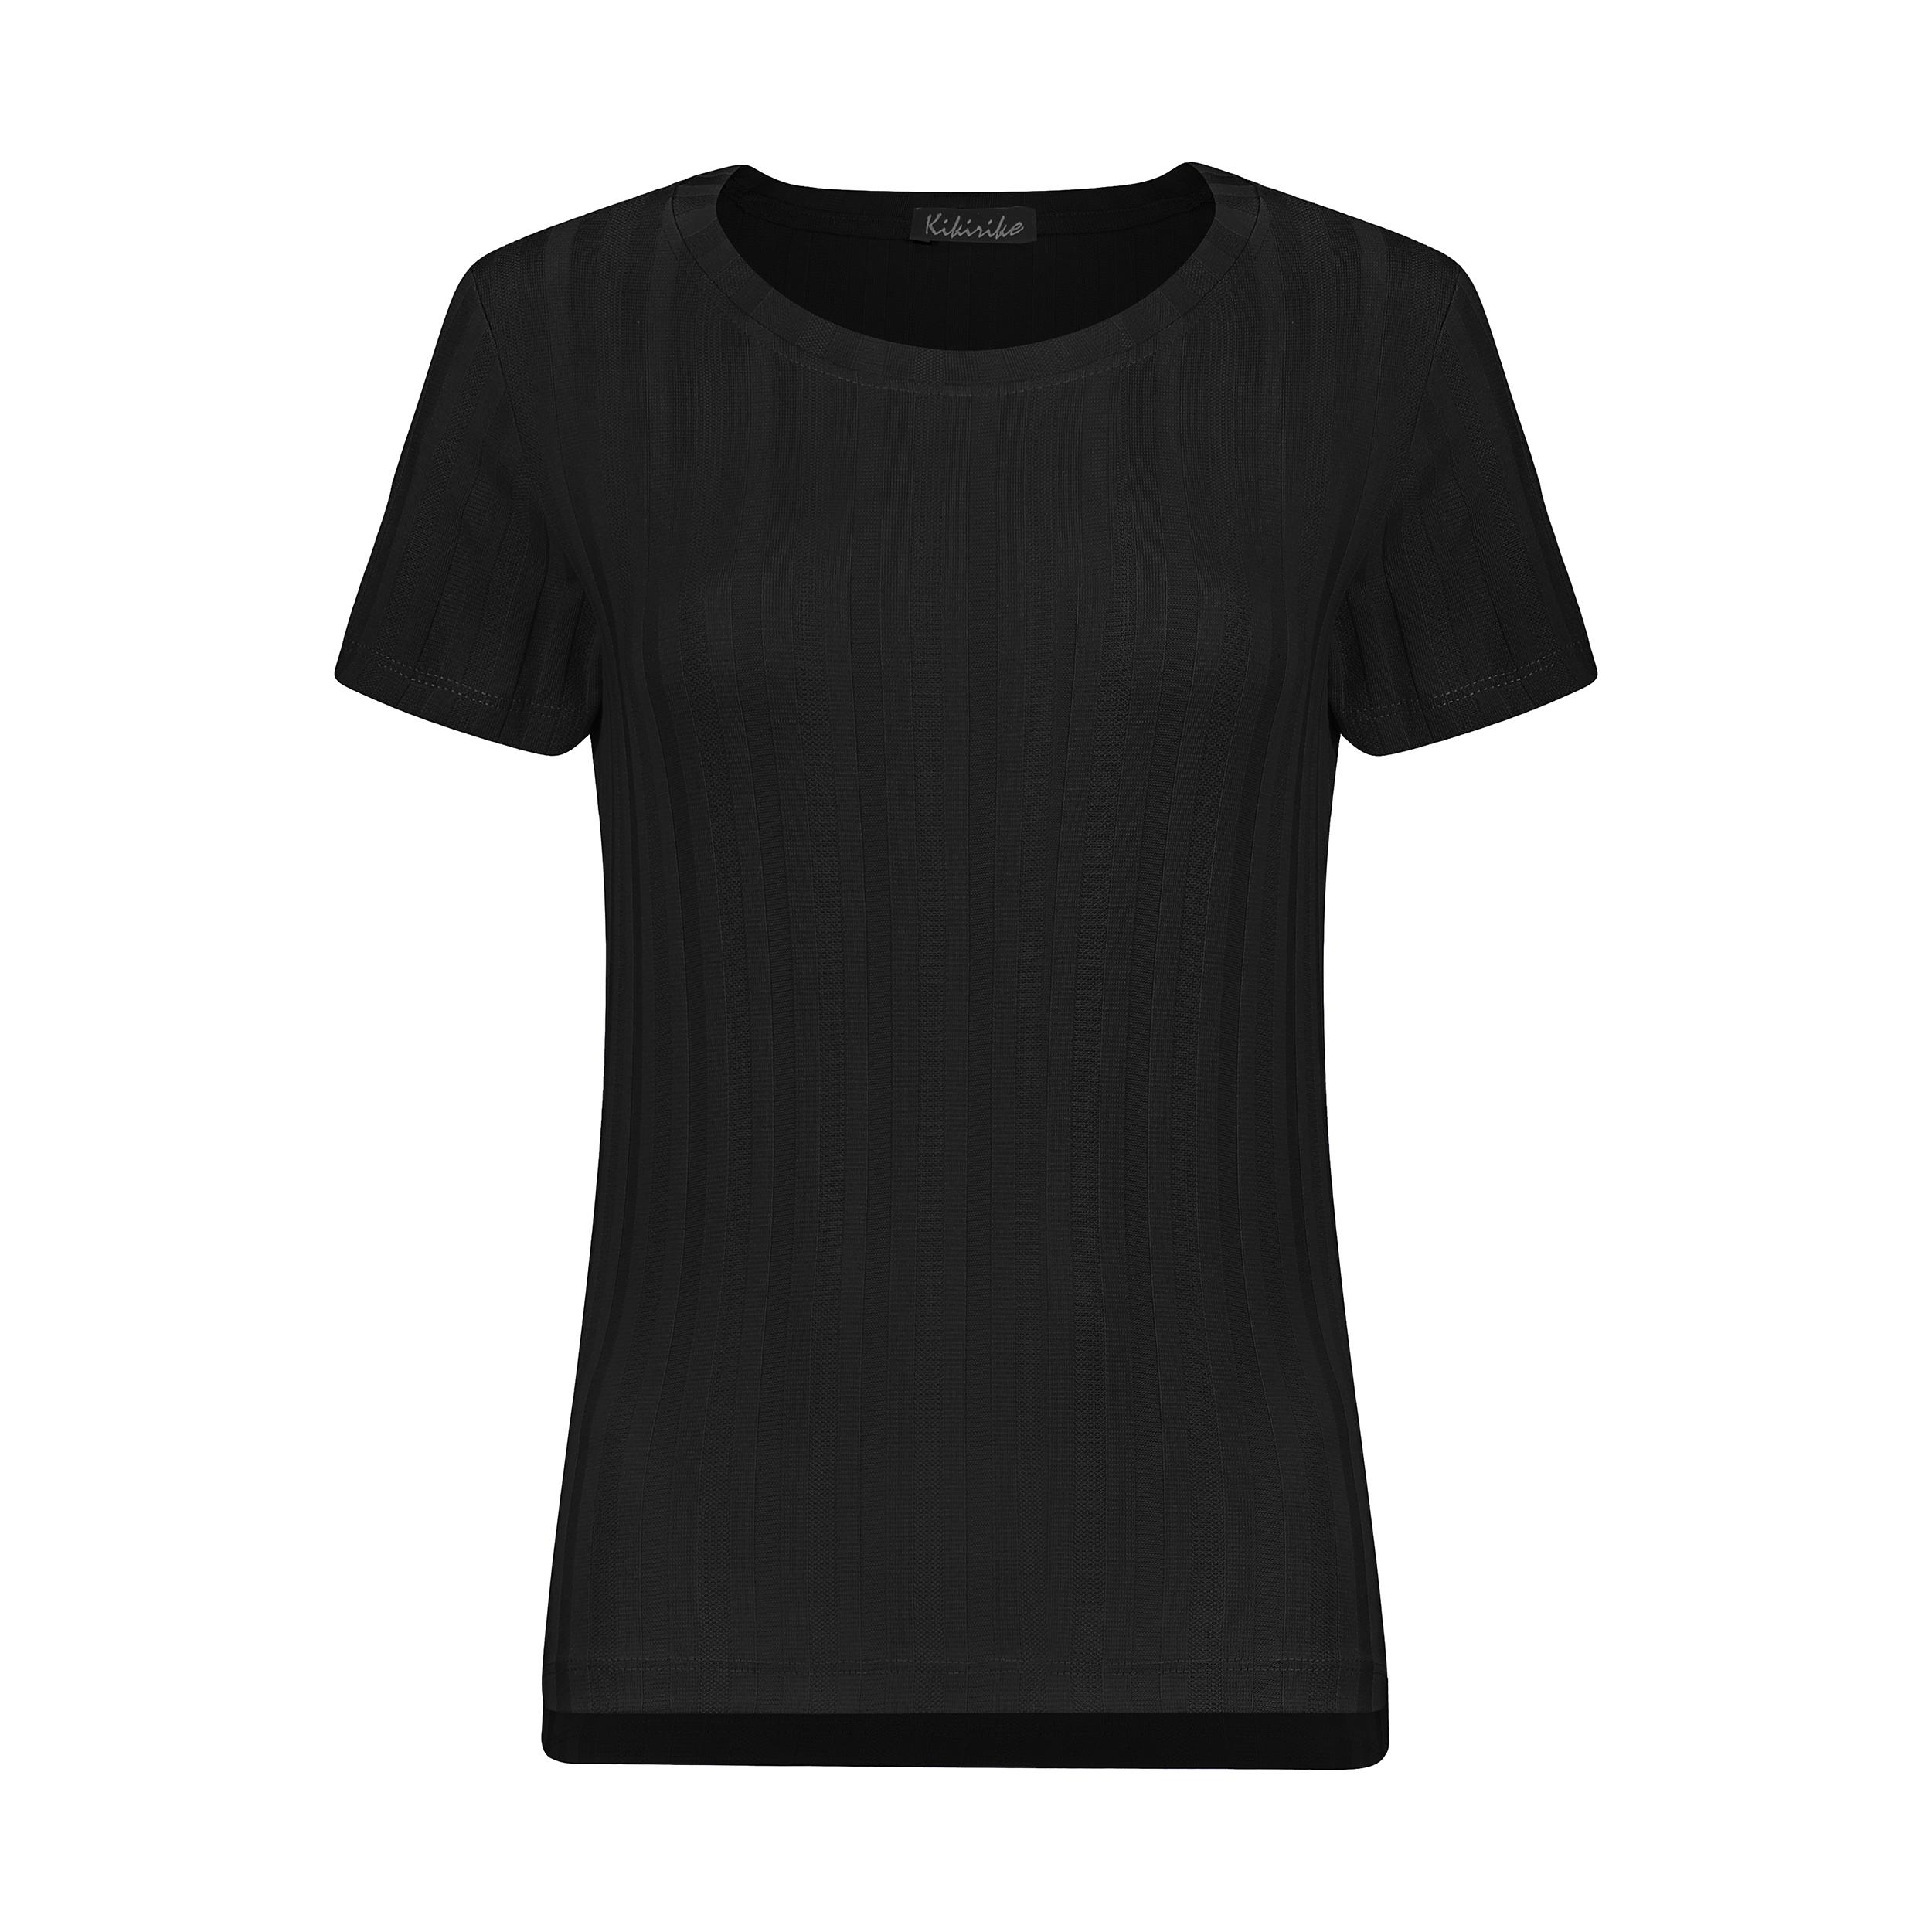 تی شرت زنانه کیکی رایکی مدل BB2507-001